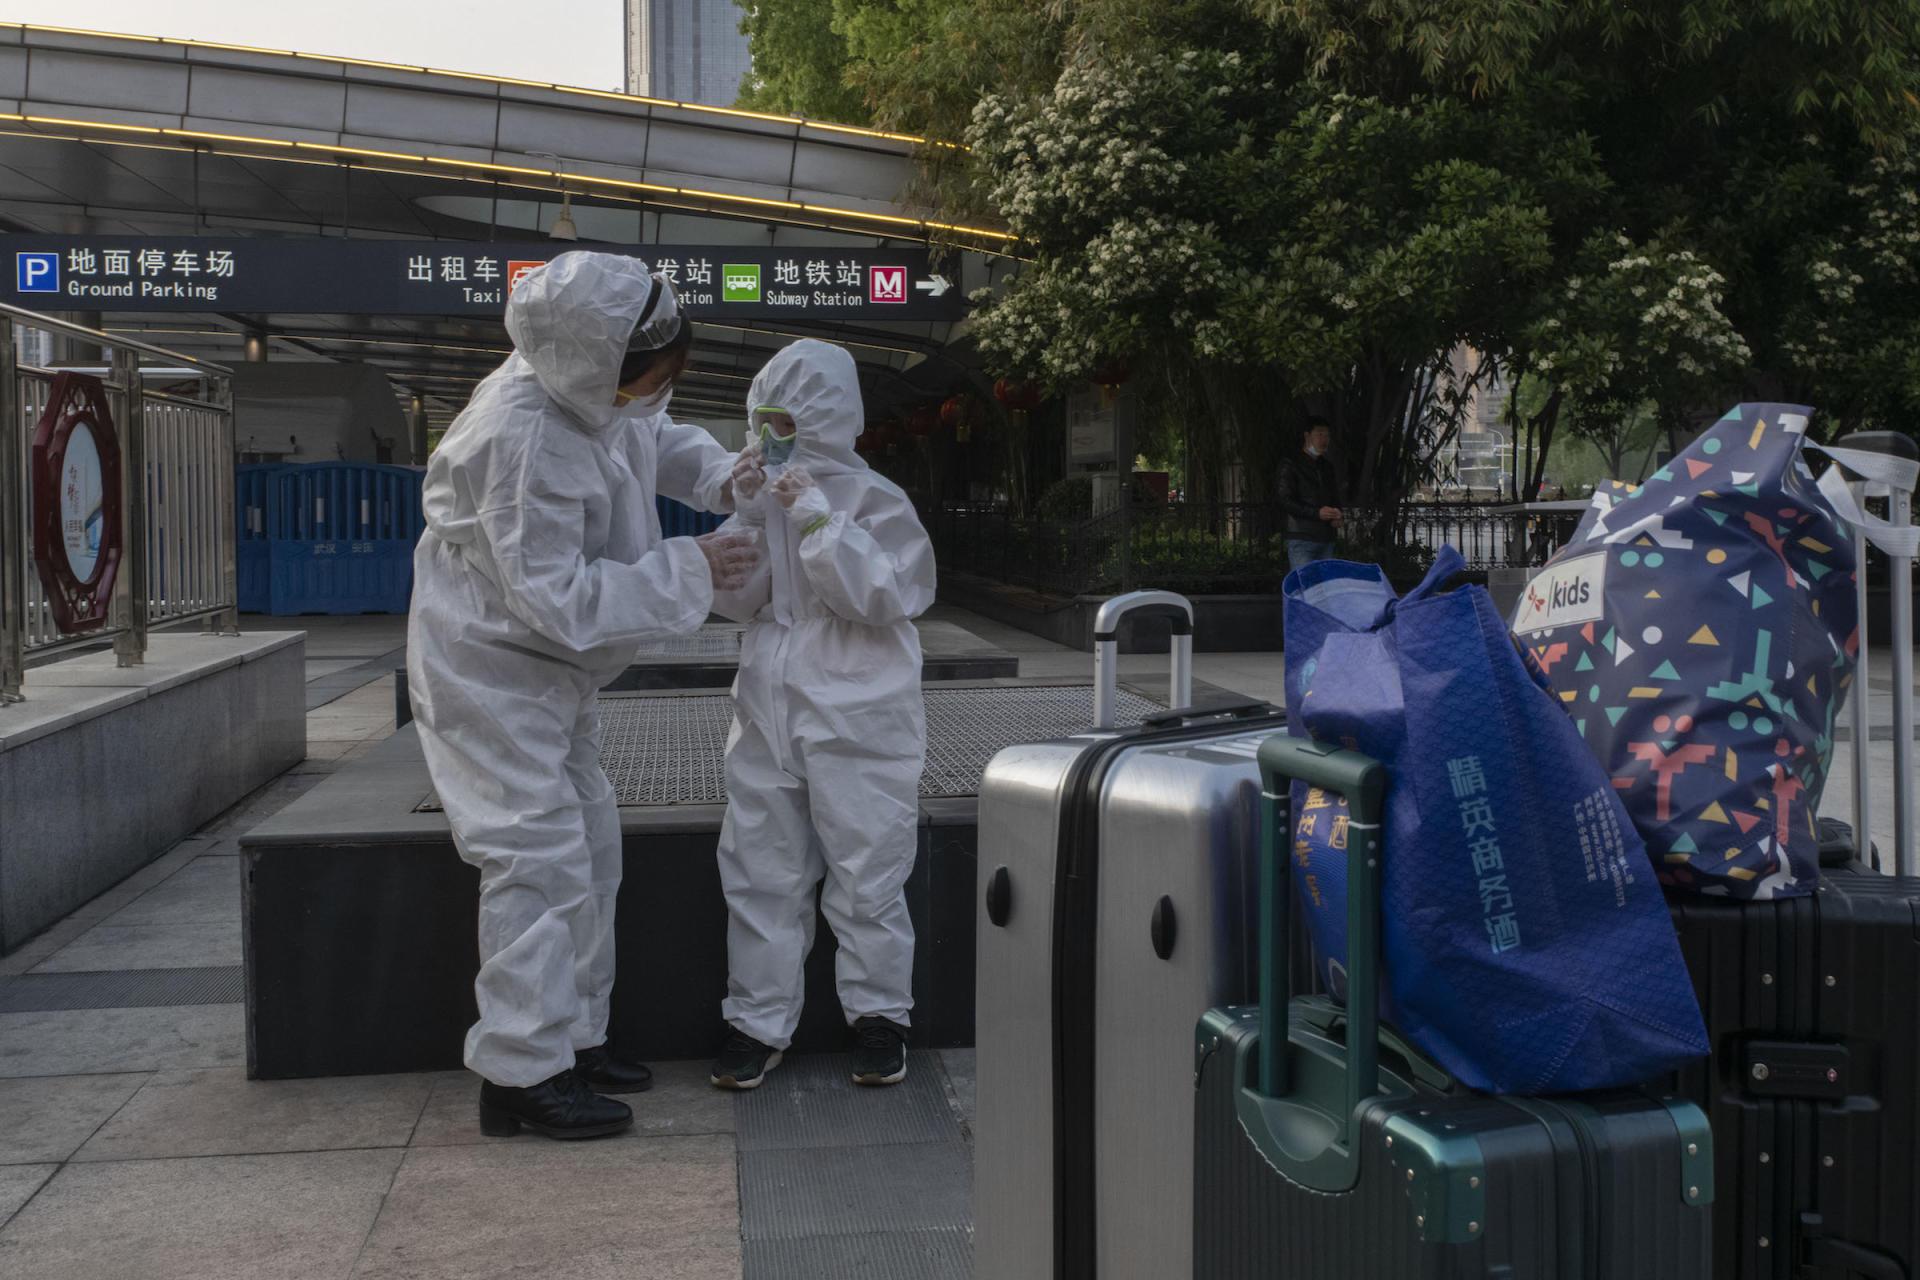 En gare de Hankou, le 8 avril à Wuhan, Bai Cuixiang aide son petit-fils (7 ans) à réajuster son masque avant leur départ pour Shanghaï après avoir passé plus de deux mois en confinement.